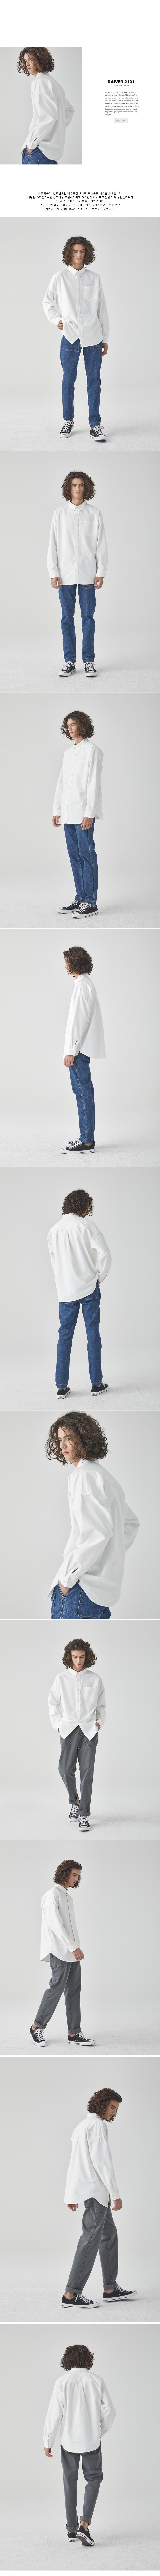 레이버 2101 유니섹스 오버핏 오프화이트 옥스퍼드셔츠